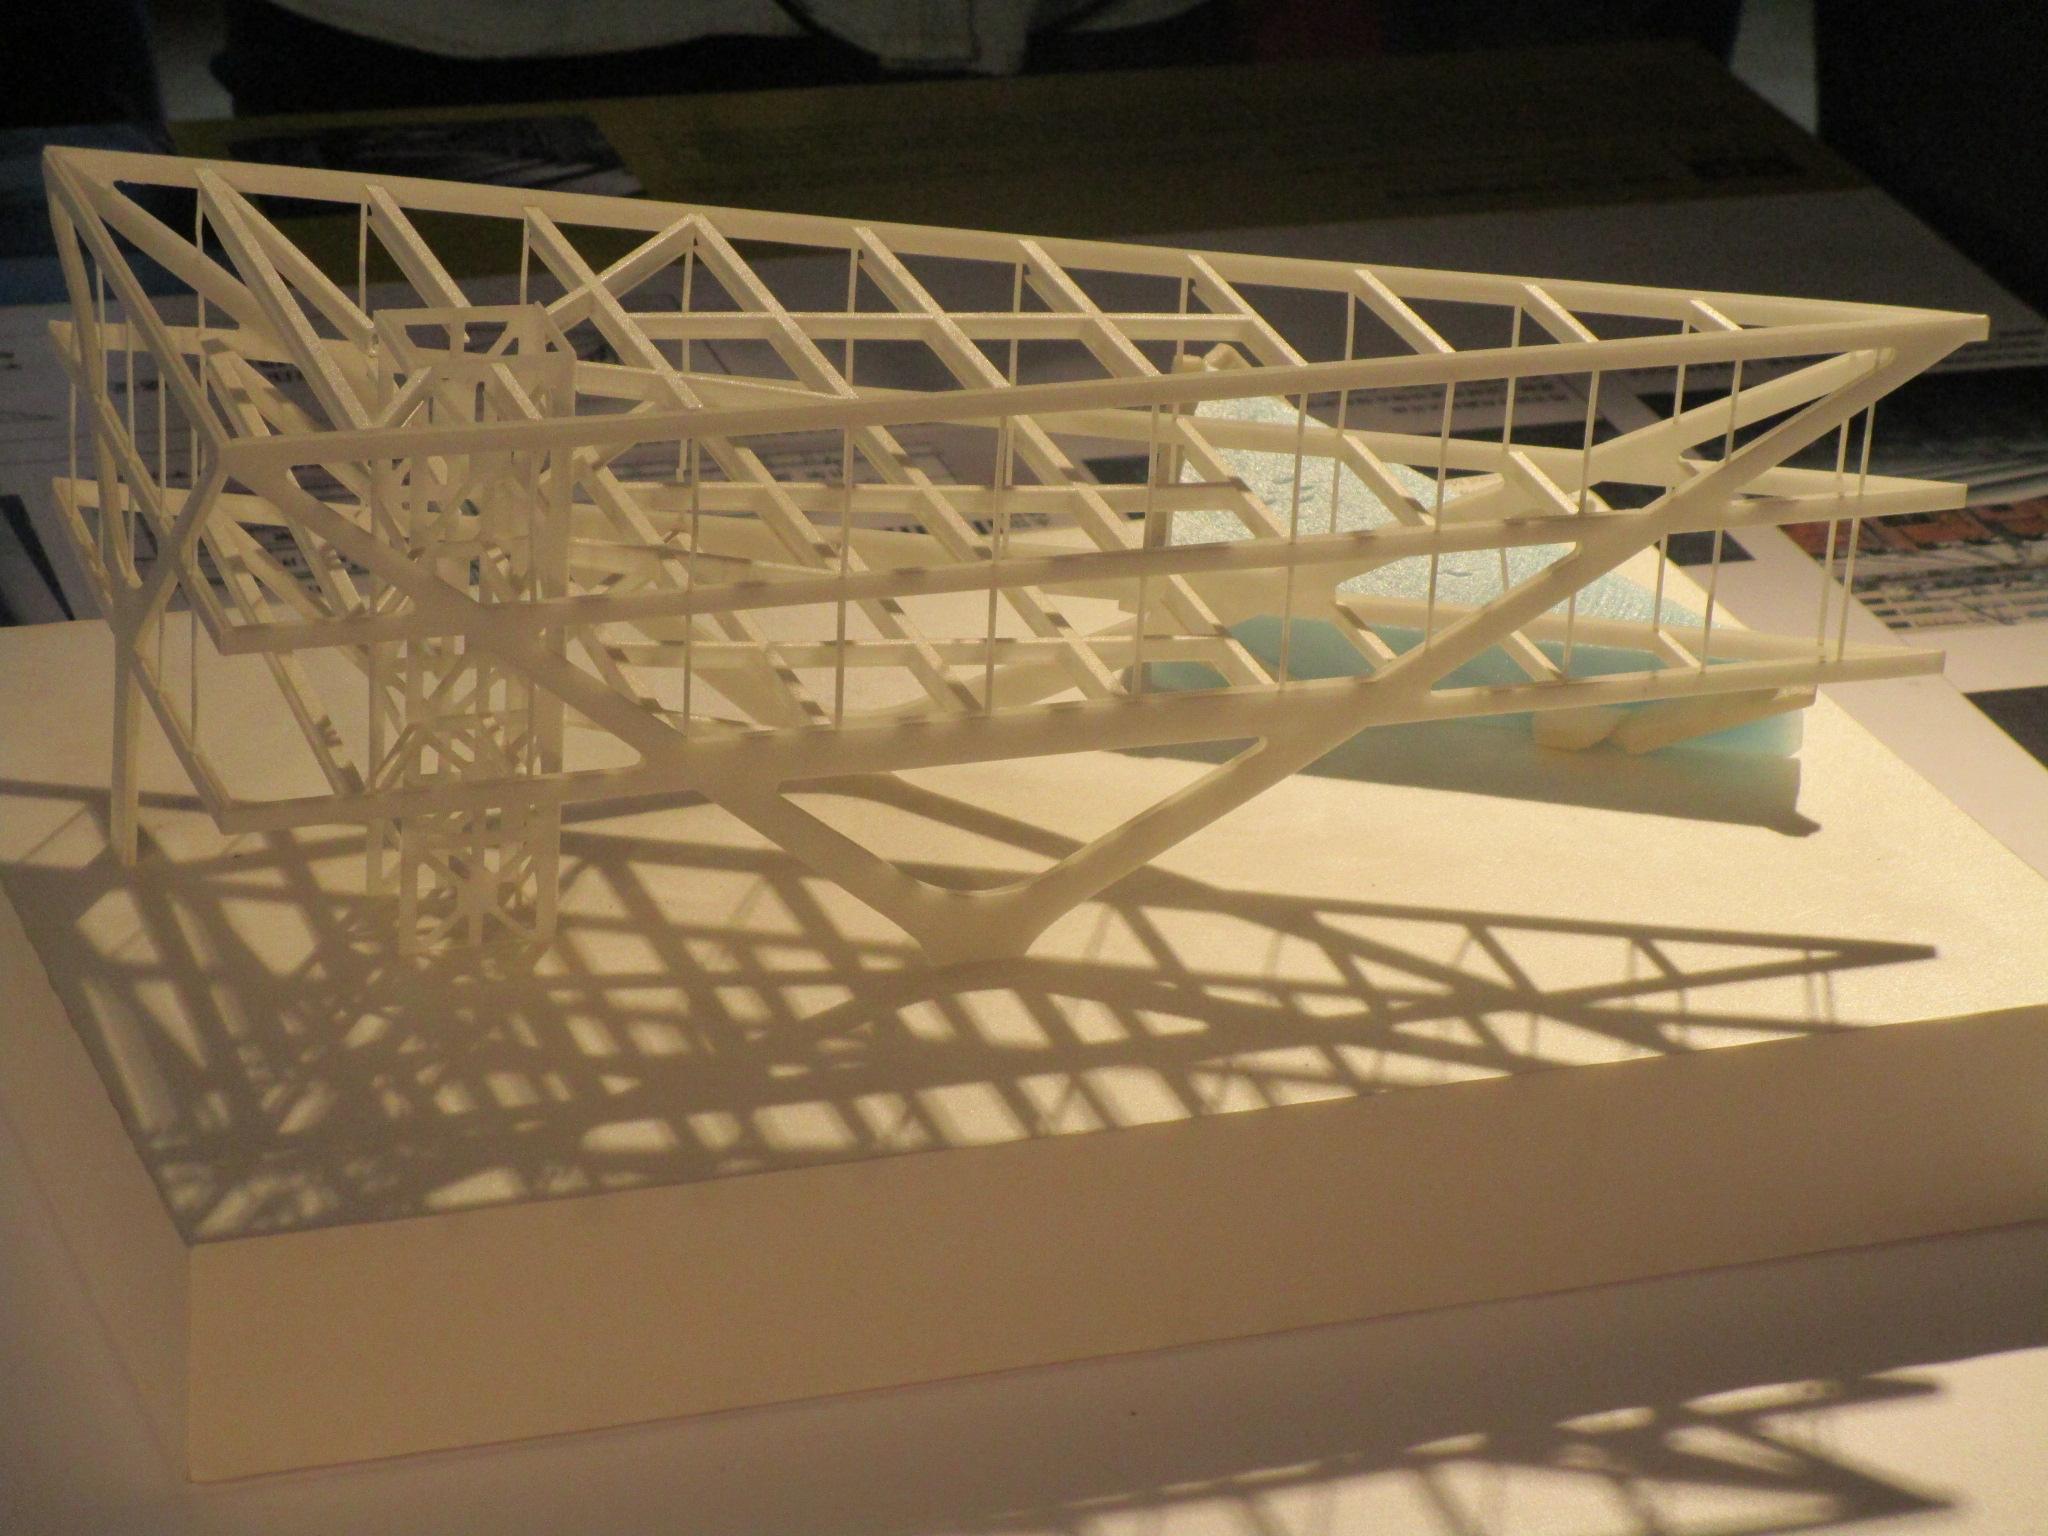 日本安田_有哪些美丽实用的以三角形为元素的建筑? - 知乎